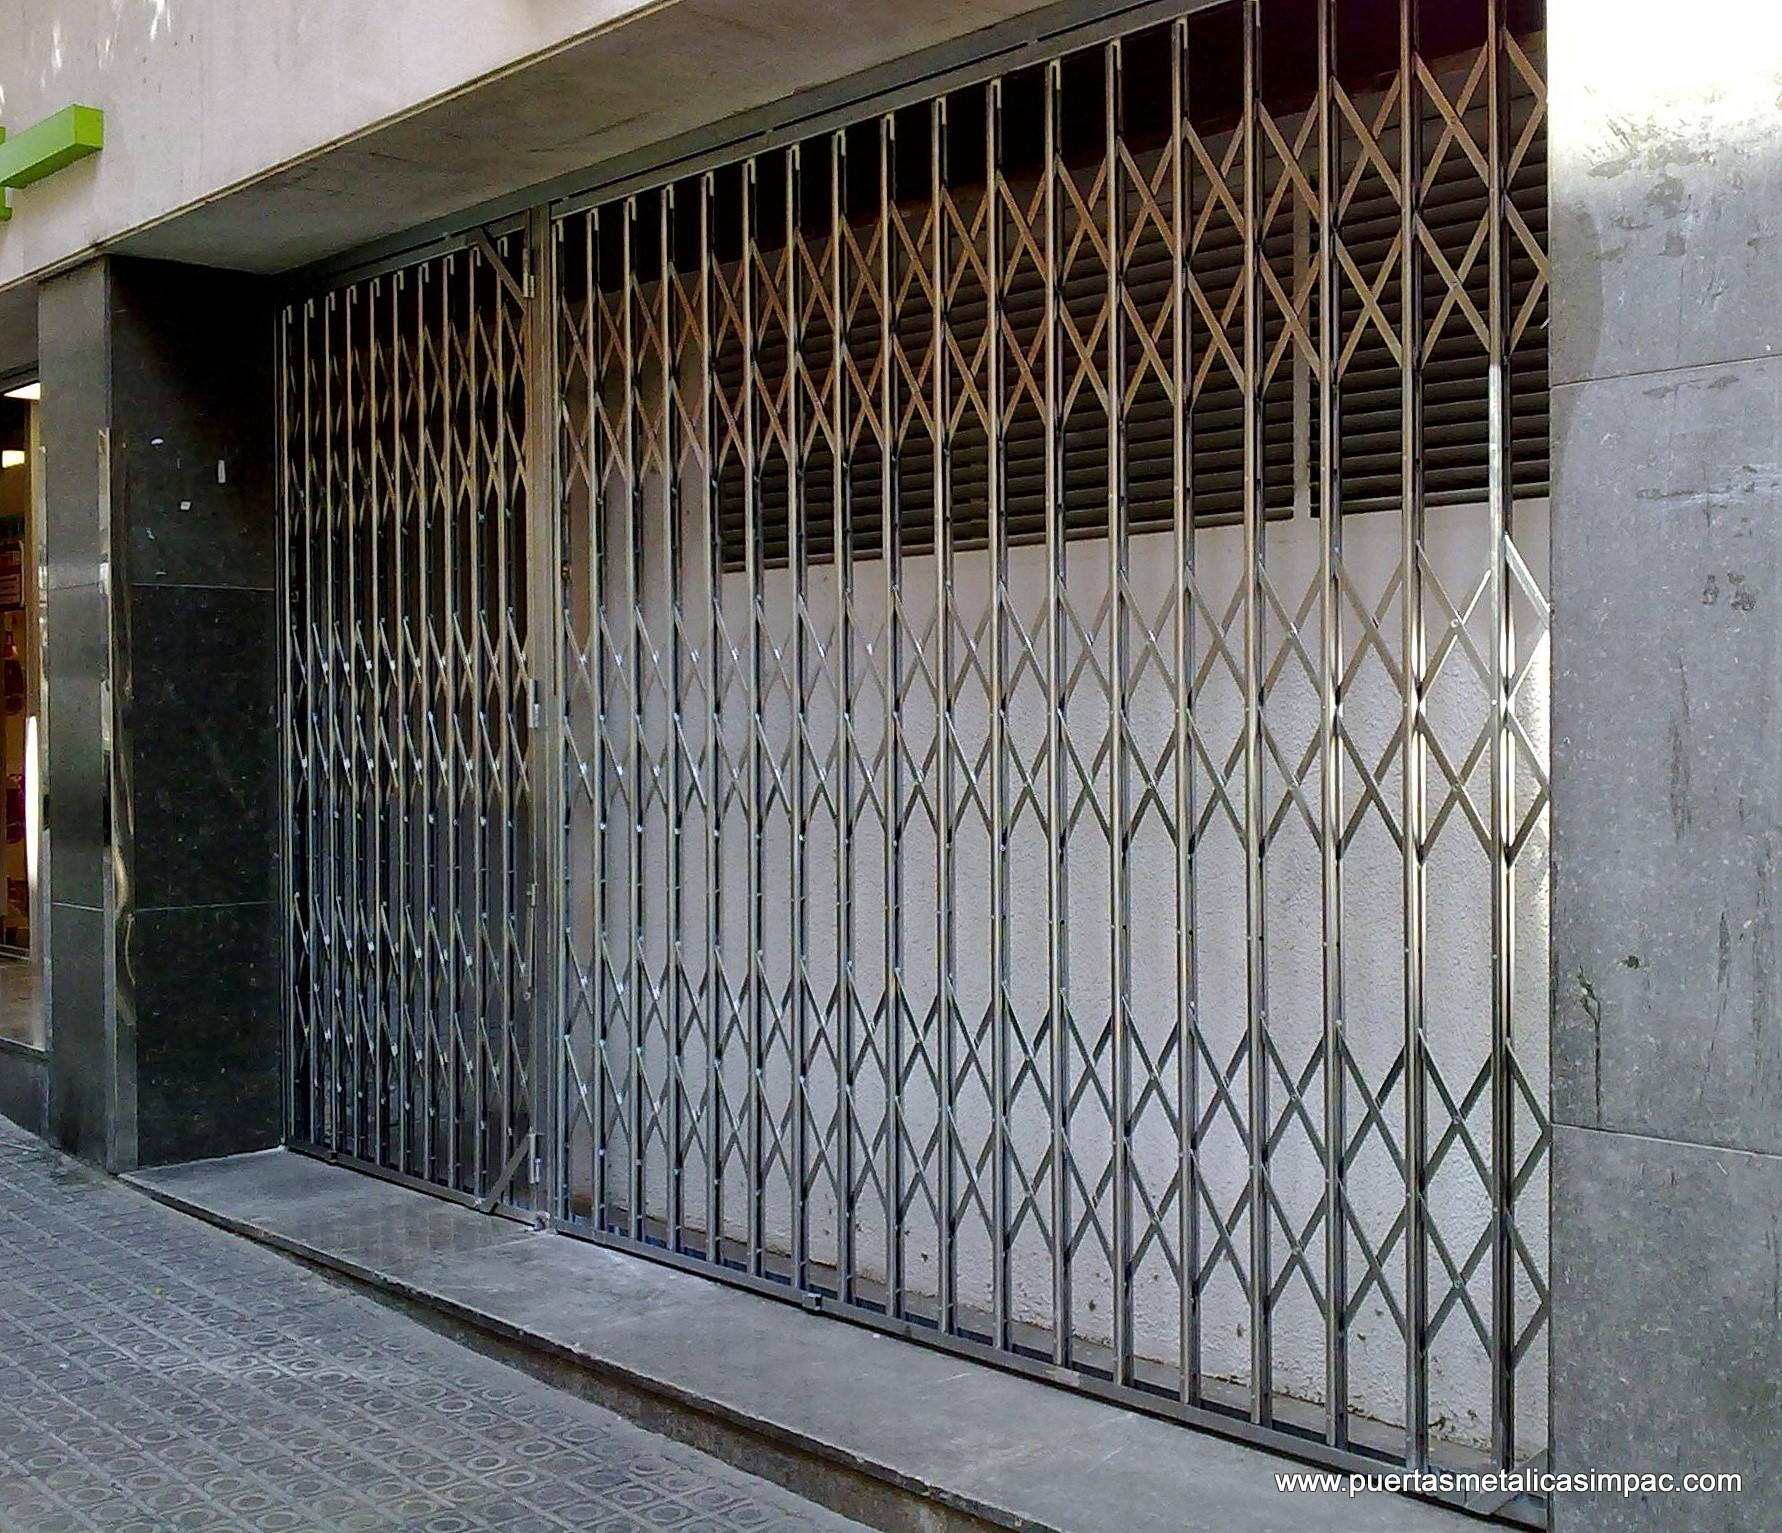 Puerta de ballesta impac puertas met licas - Modelos de puertas metalicas para casas ...